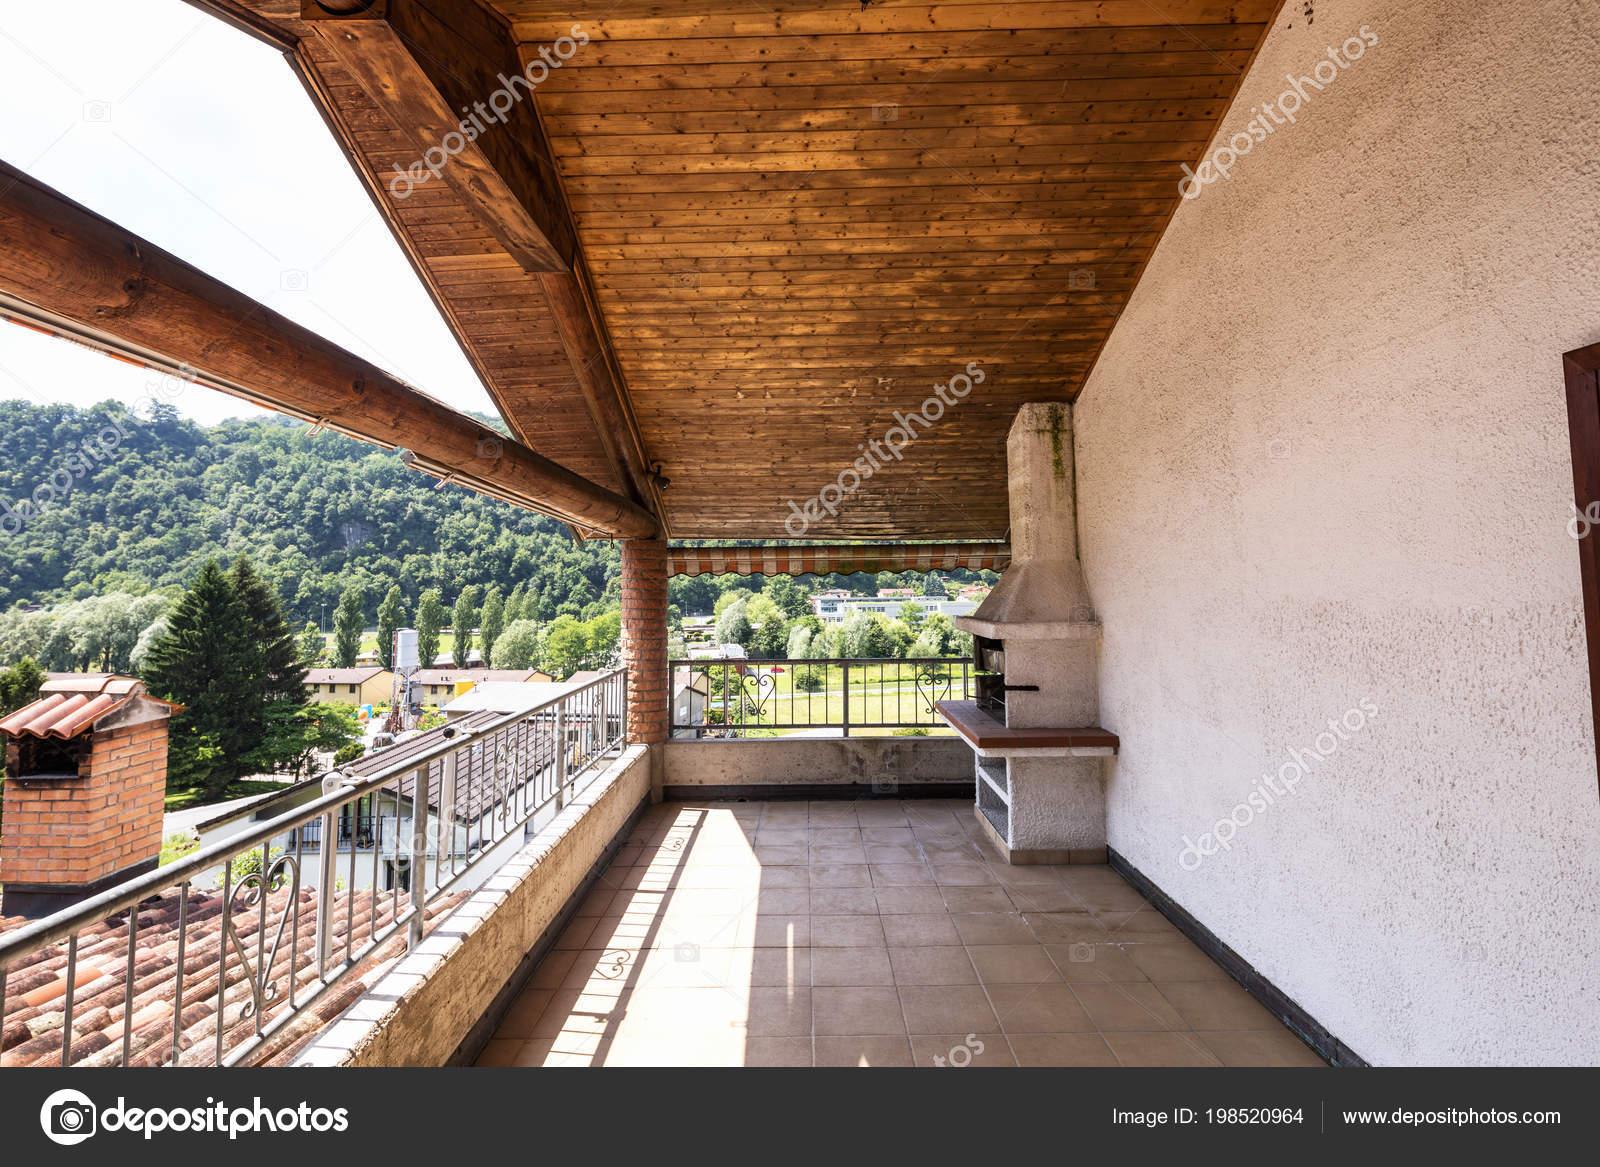 Terrazza con soffitto legno piastrelle paesaggio colline nessuno